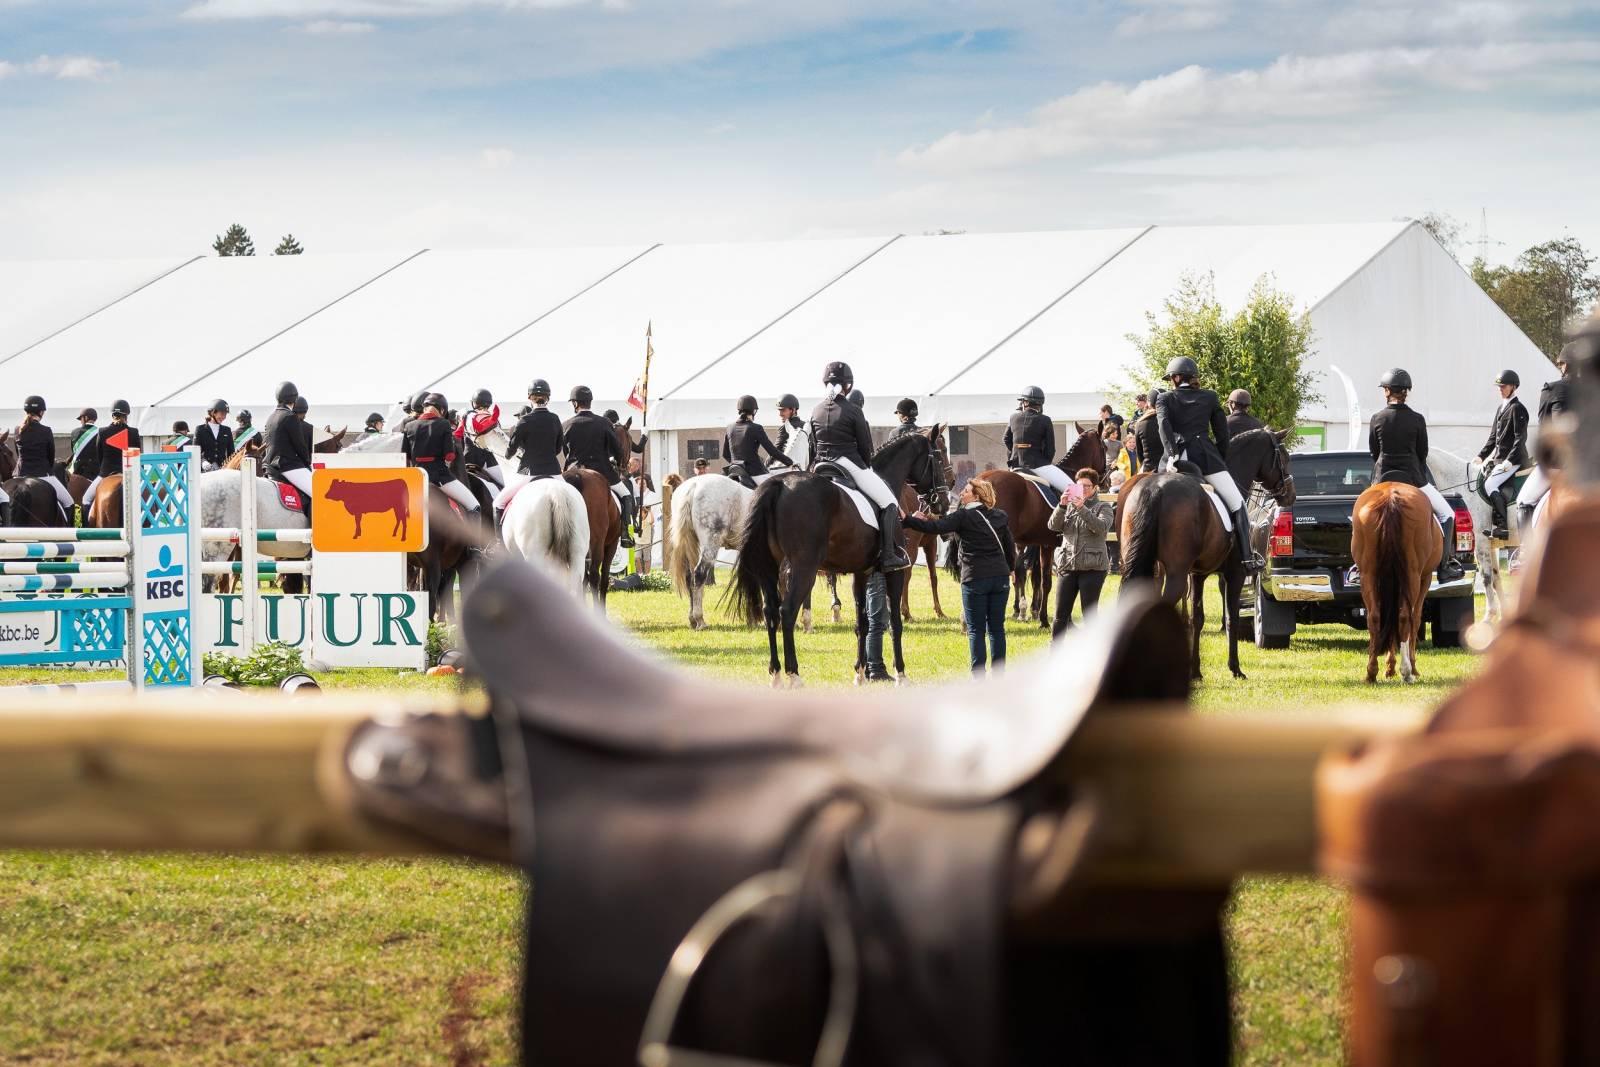 Tentmoment - Feesttent - Tent Event - Verhuur Tenten - Fotograaf Jurgen De Witte - House of Events - 42